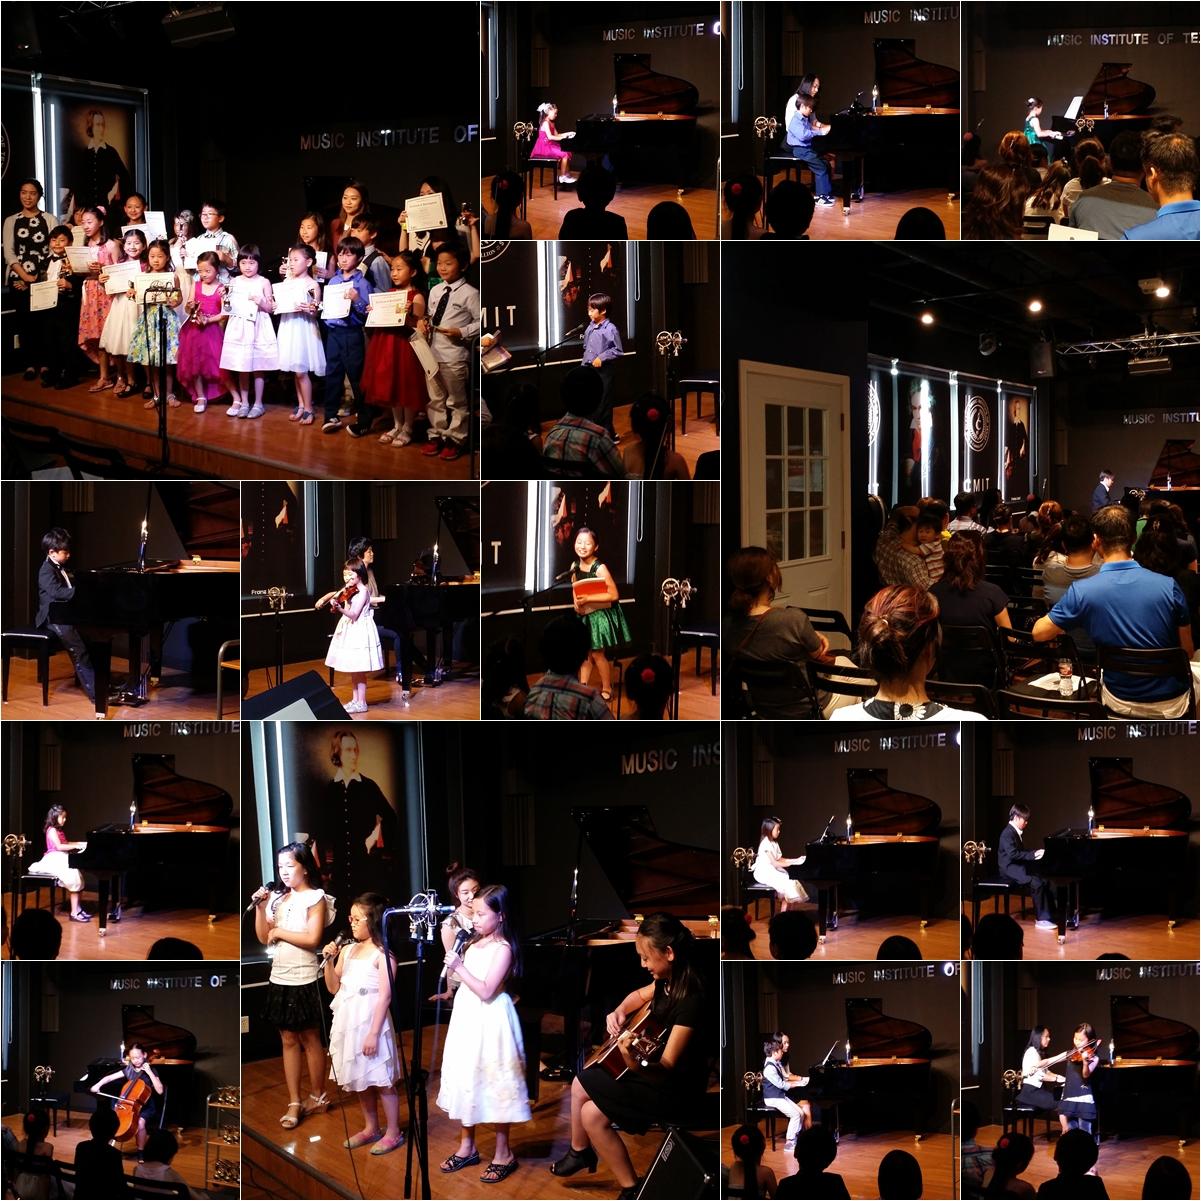 2015 CMIT Student's Summer Recital 01.jpg